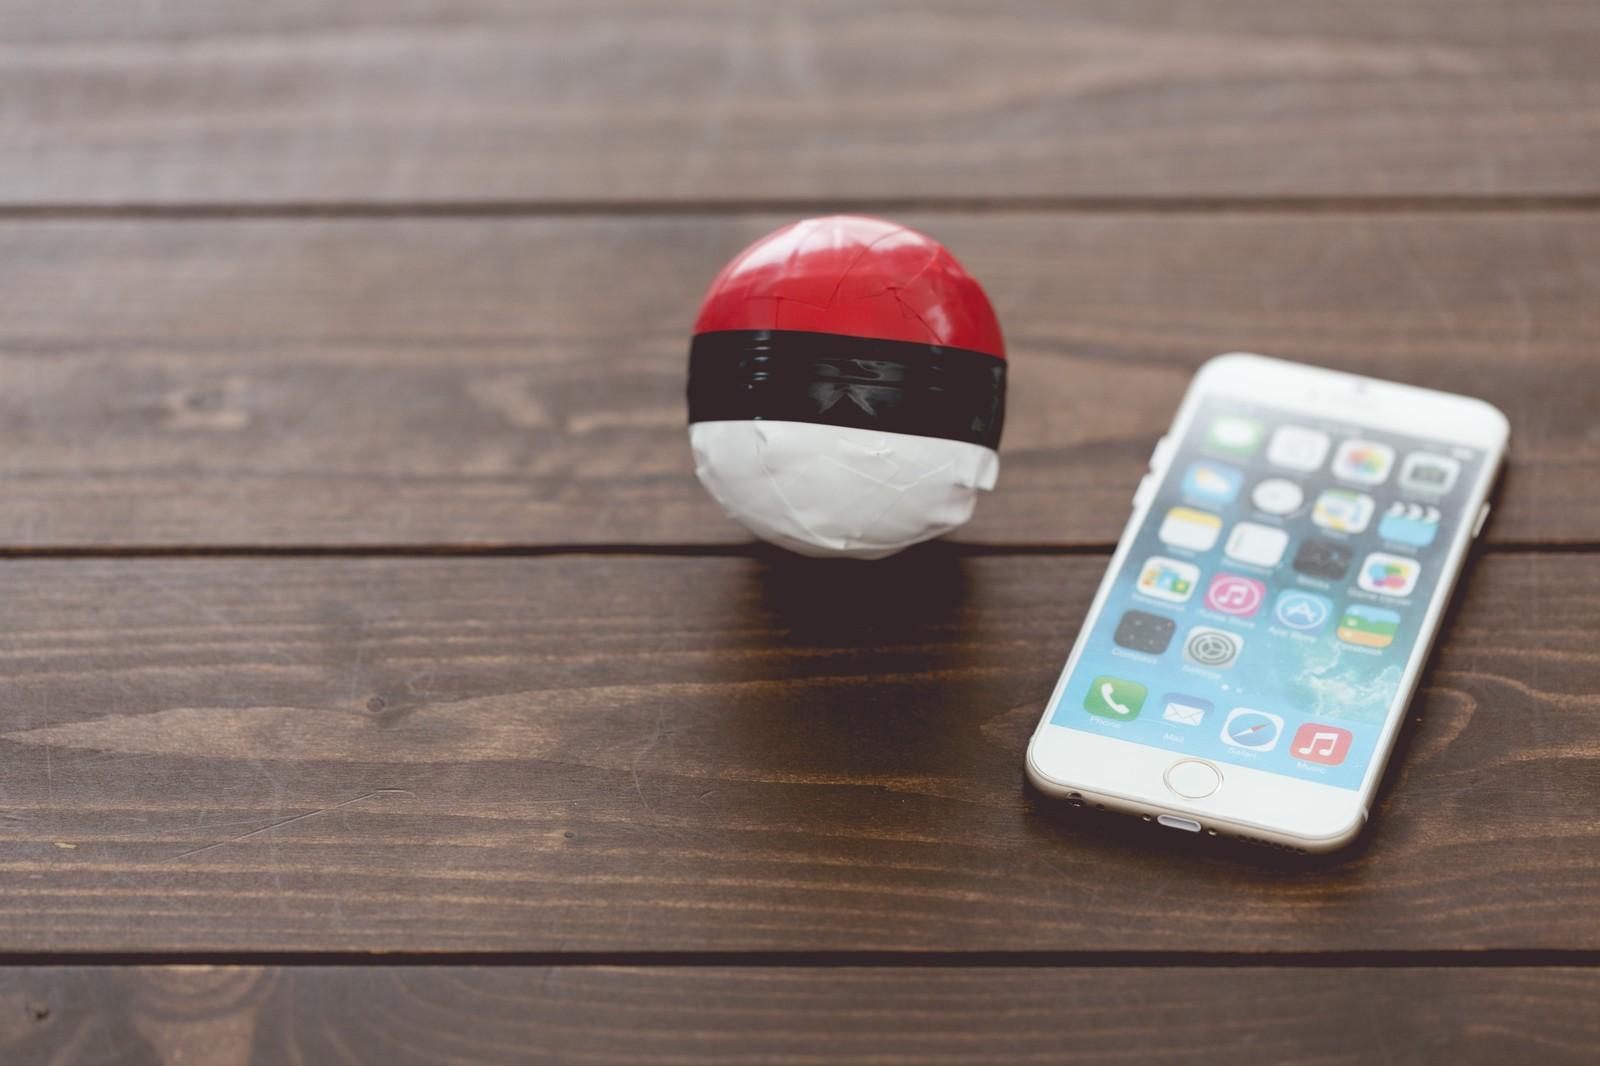 【まとめ】「Pokémon GO(ポケモンGO)」に適したSIMフリースマホ一覧